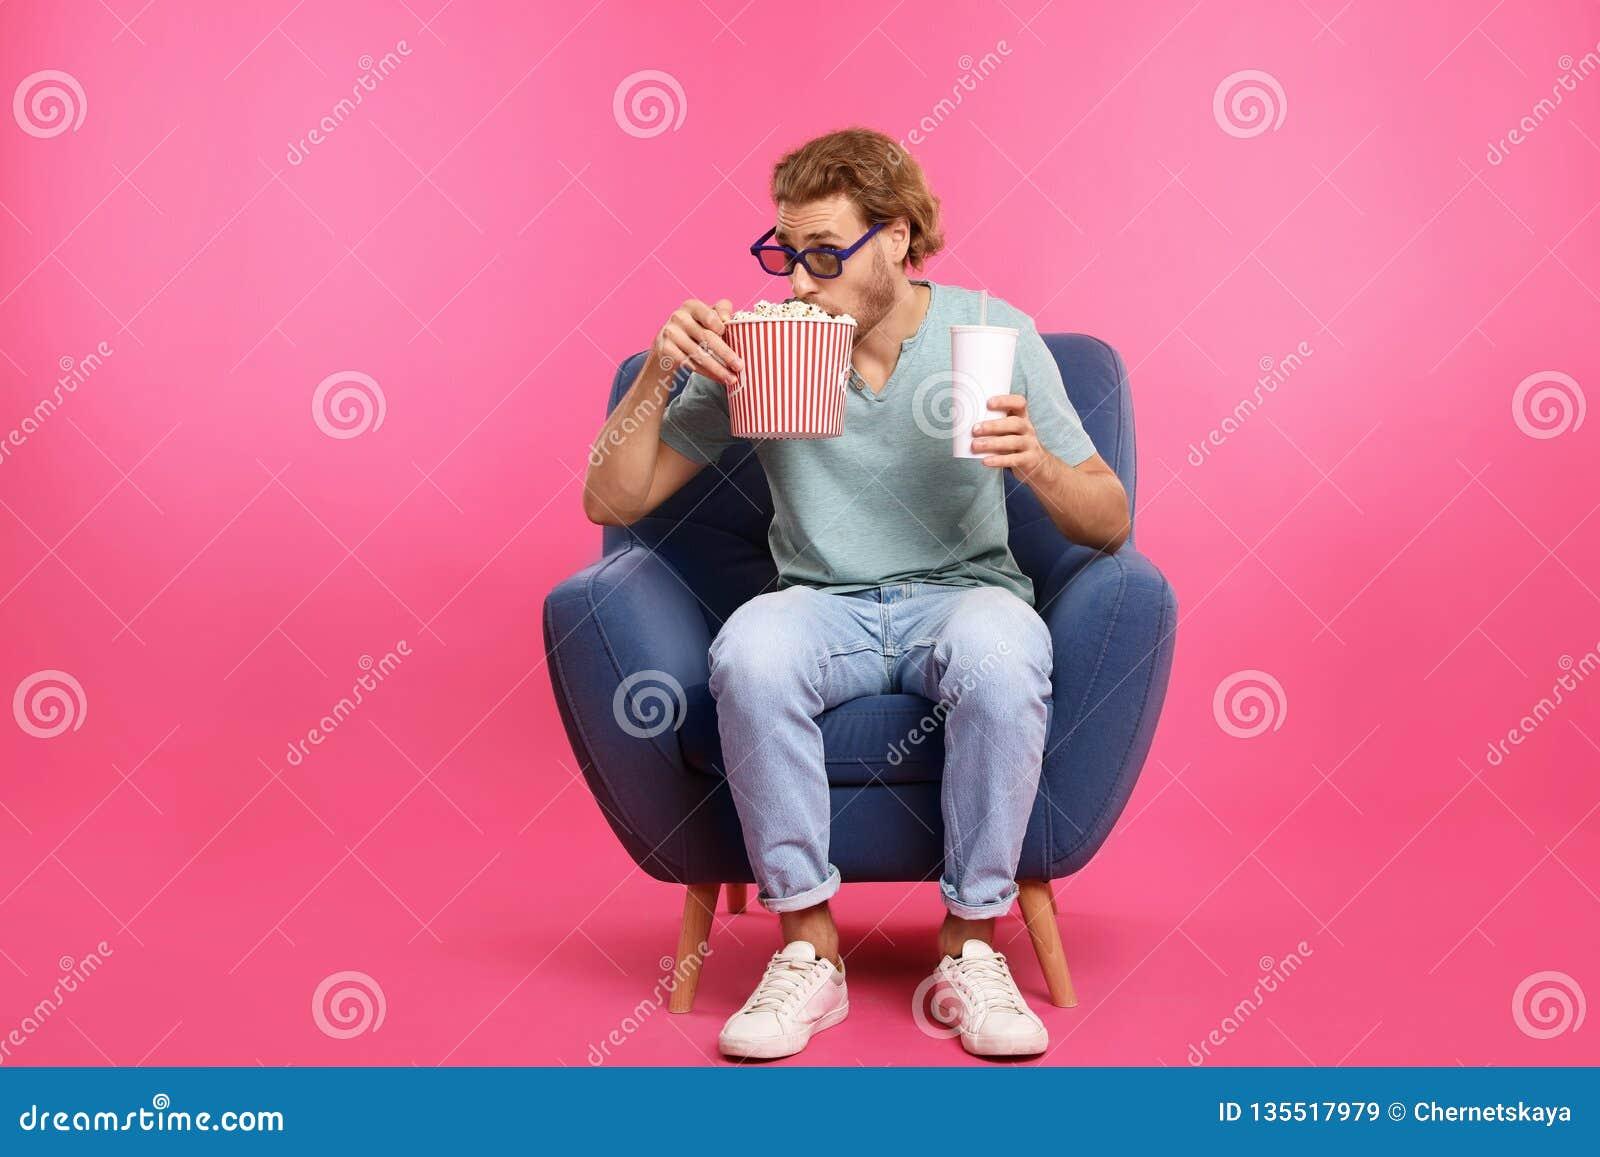 有3D坐在扶手椅子的玻璃、玉米花和饮料的人在戏院展示期间